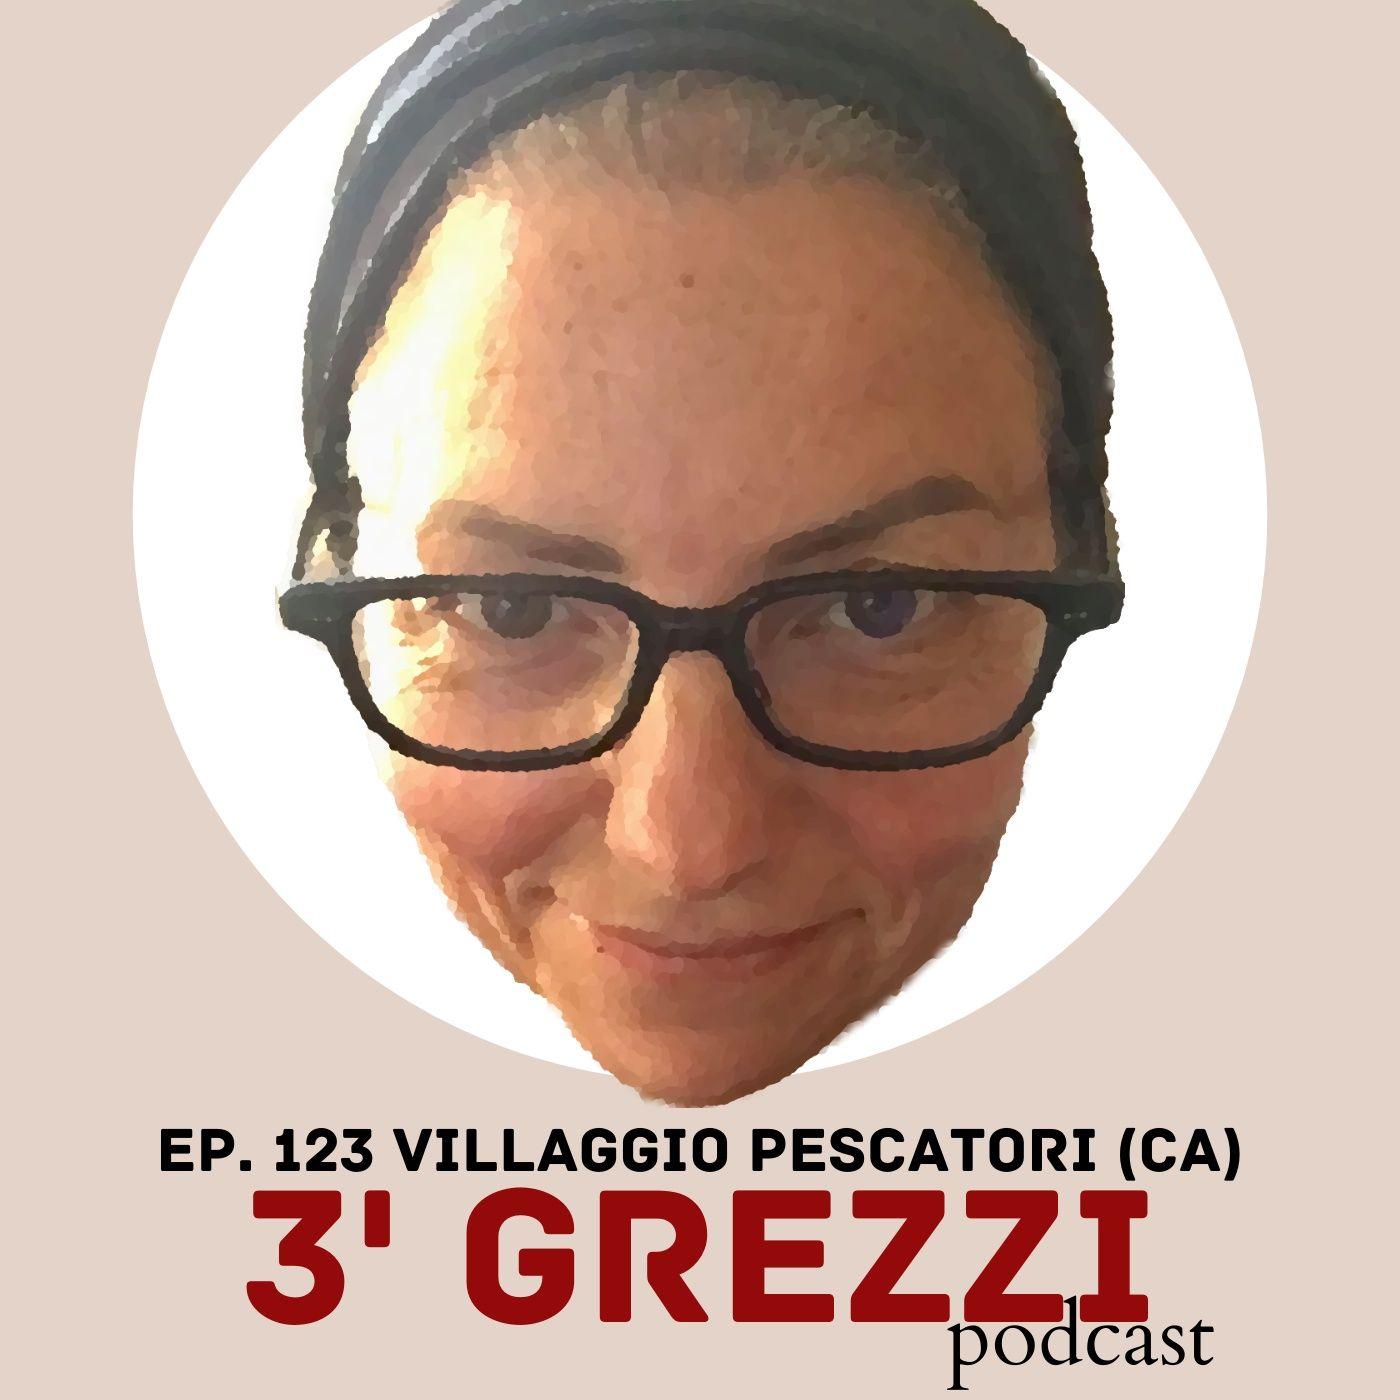 3' grezzi Ep. 123 Villaggio Pescatori (Ca)